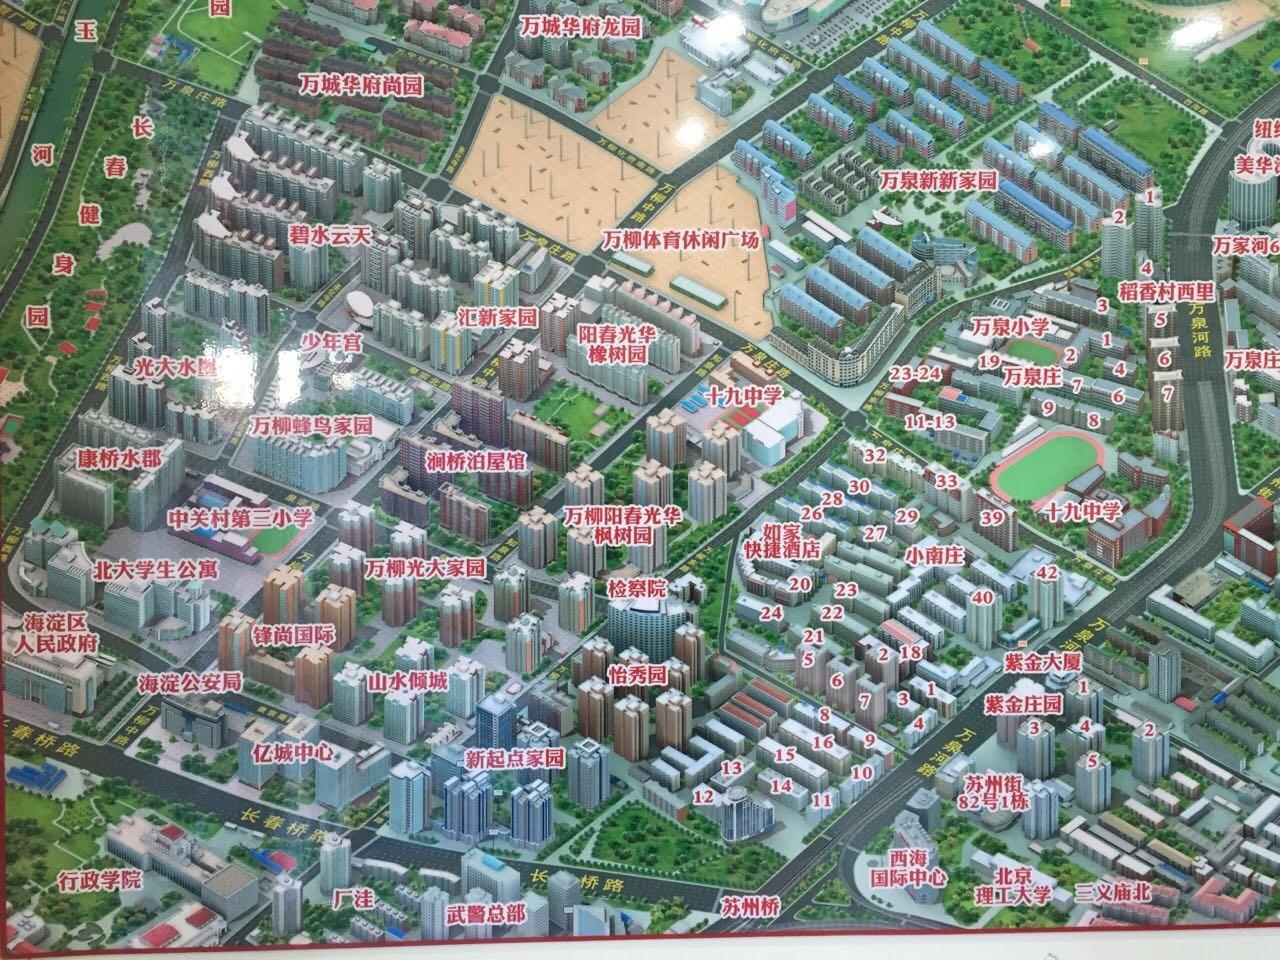 新新温泉_万泉新新家园:单价低,顶层复式,高层观景,送车位储